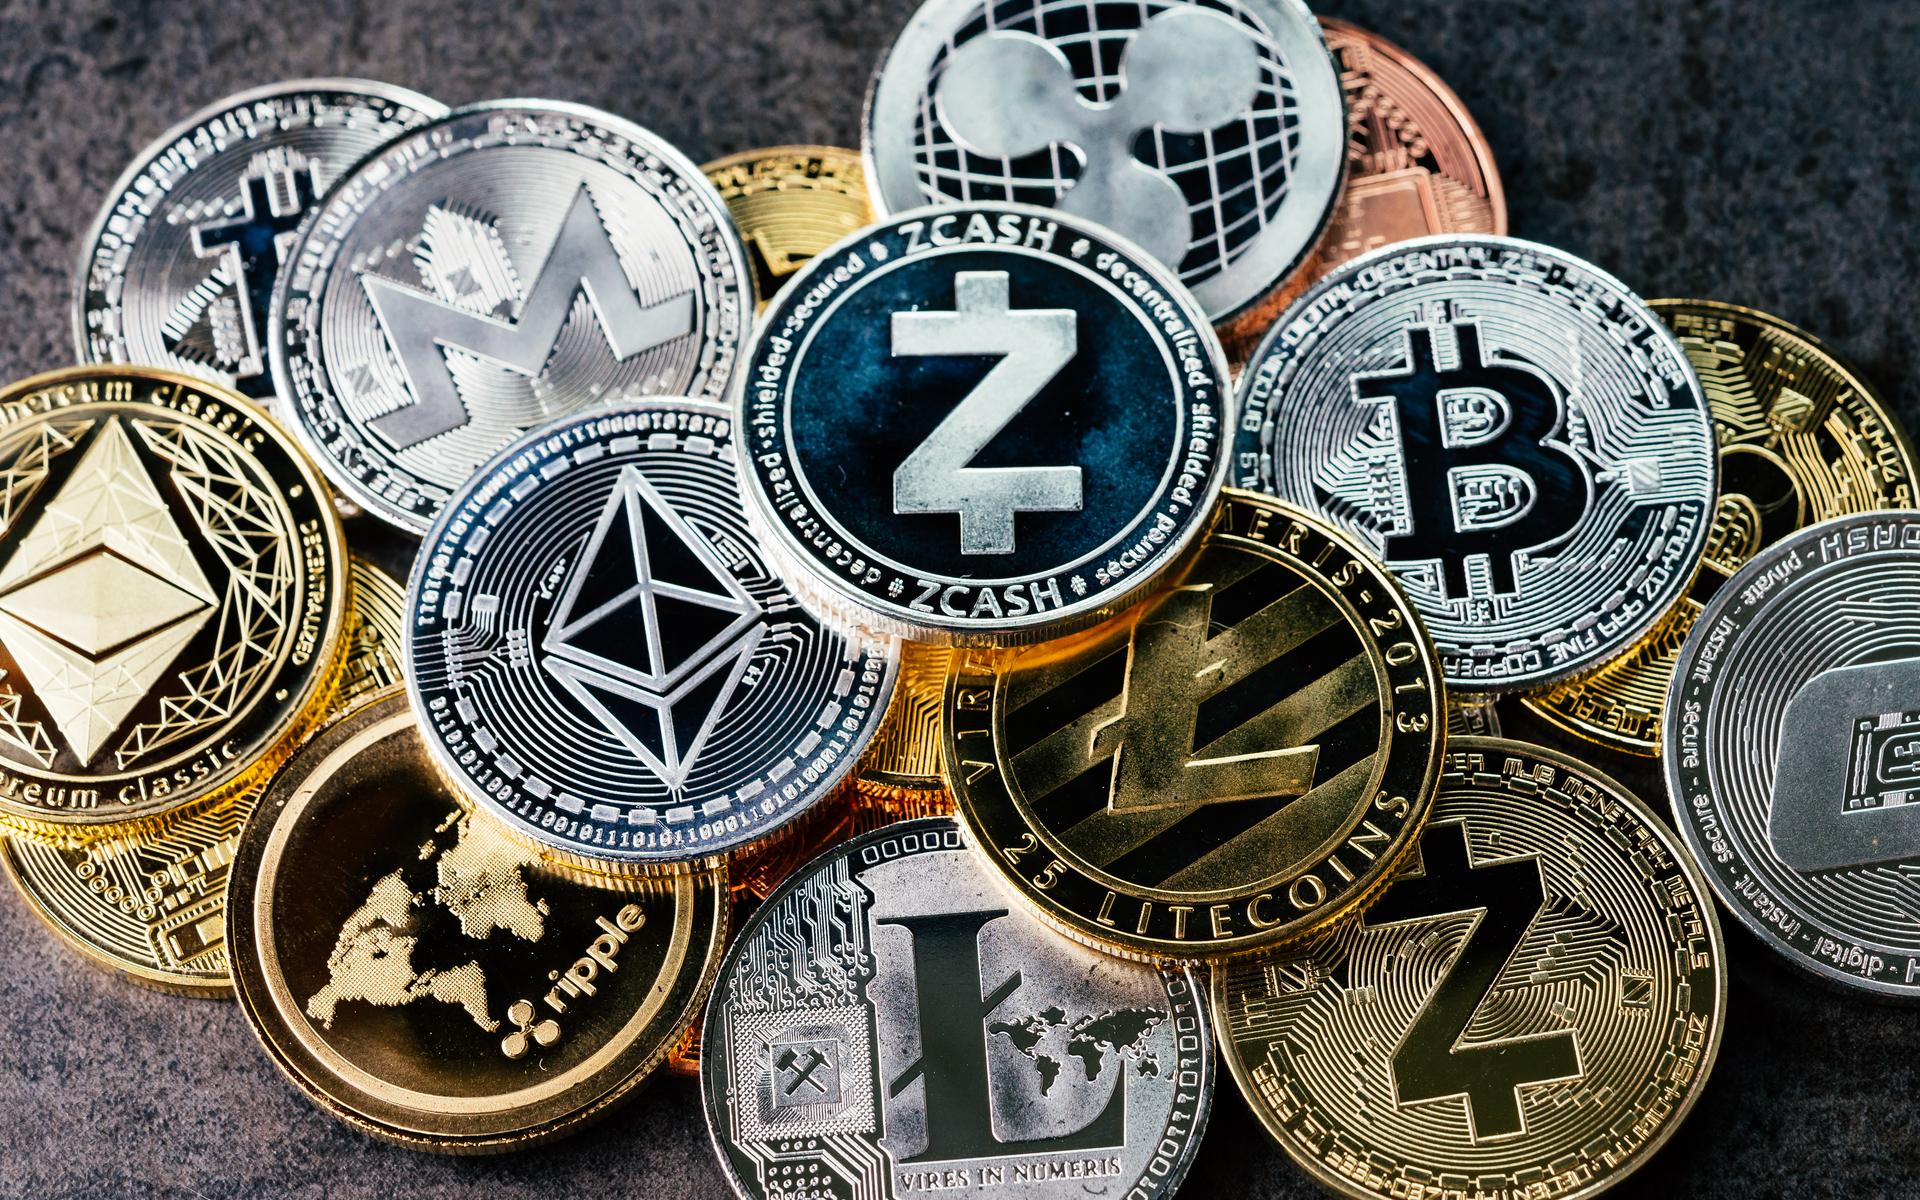 Bitcoinin BTC Durumu Stabil Altcoinler Kan Agliyor